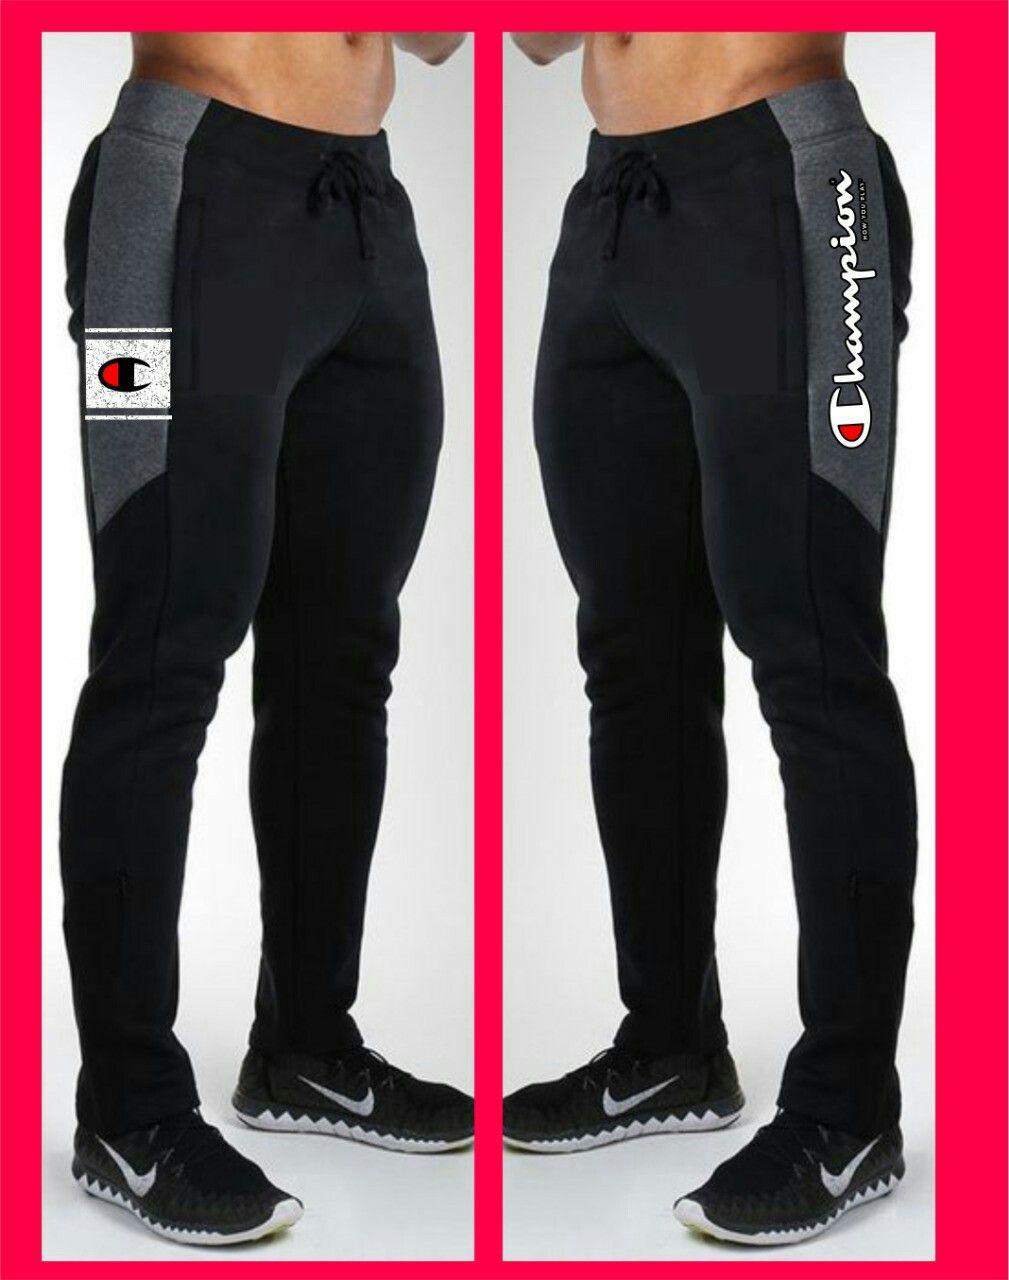 Nuevos Modelos Ropa Adidas Hombre Pantalones De Hombre Moda Ropa De Moda Hombre